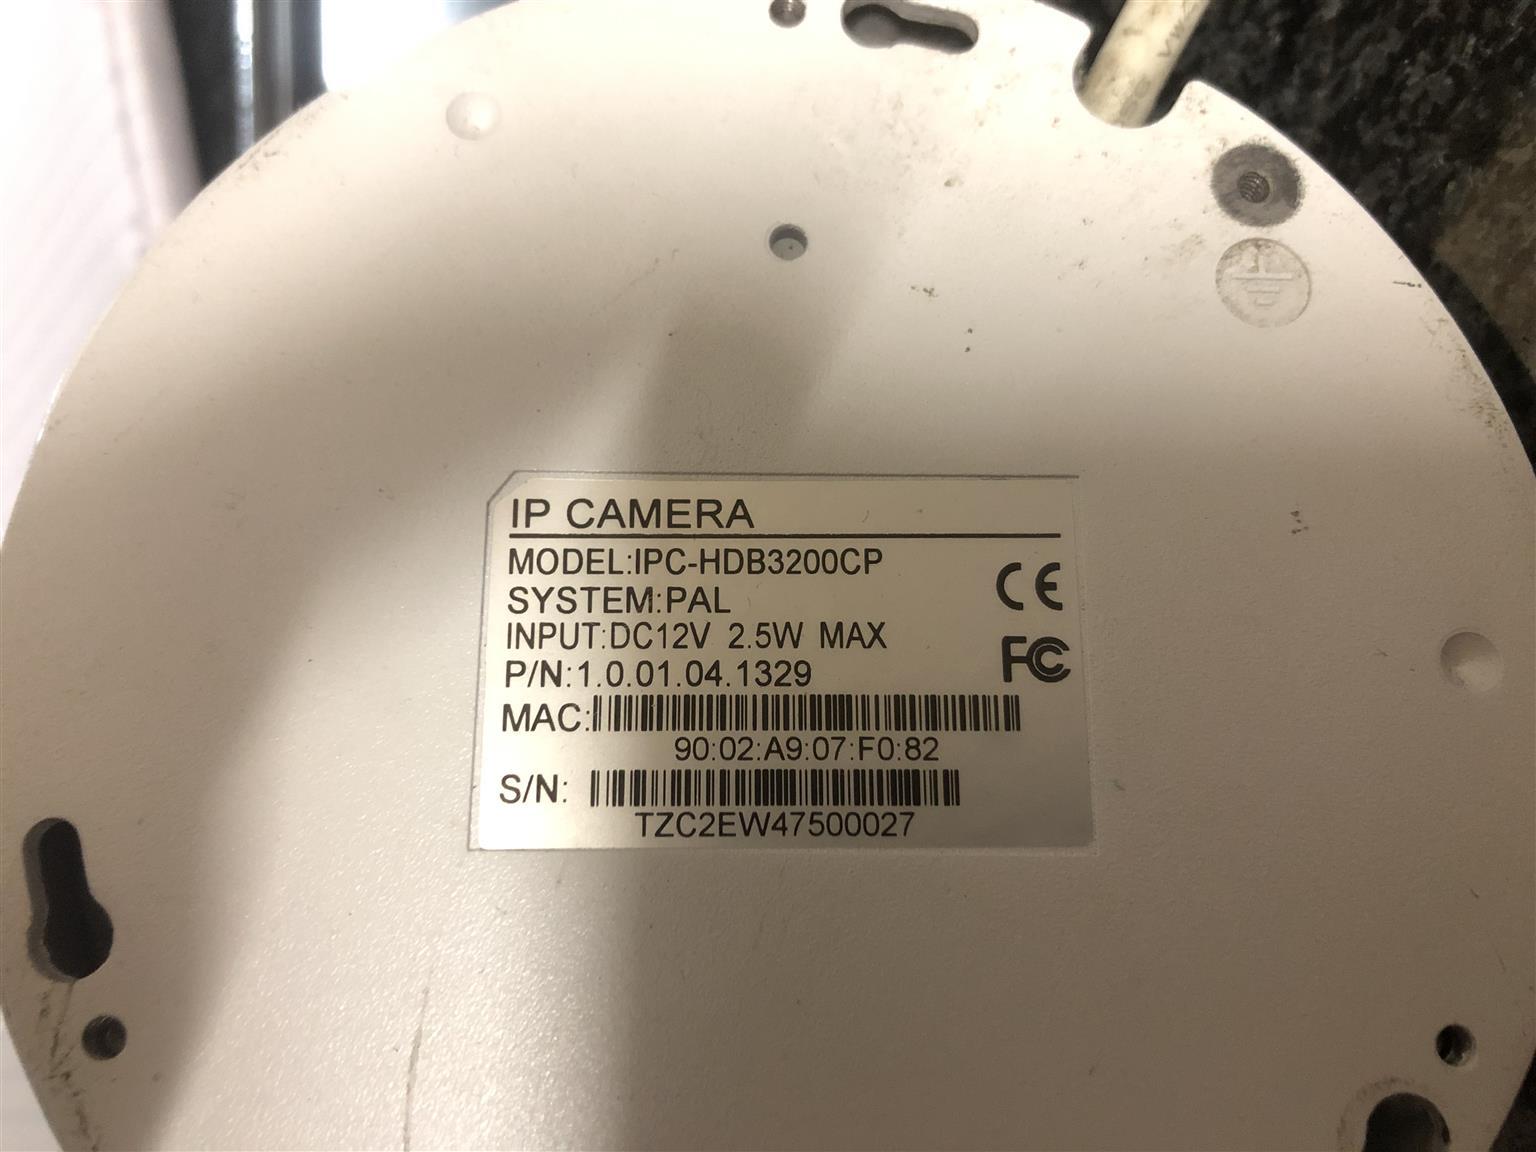 Dahua IP camera for sale